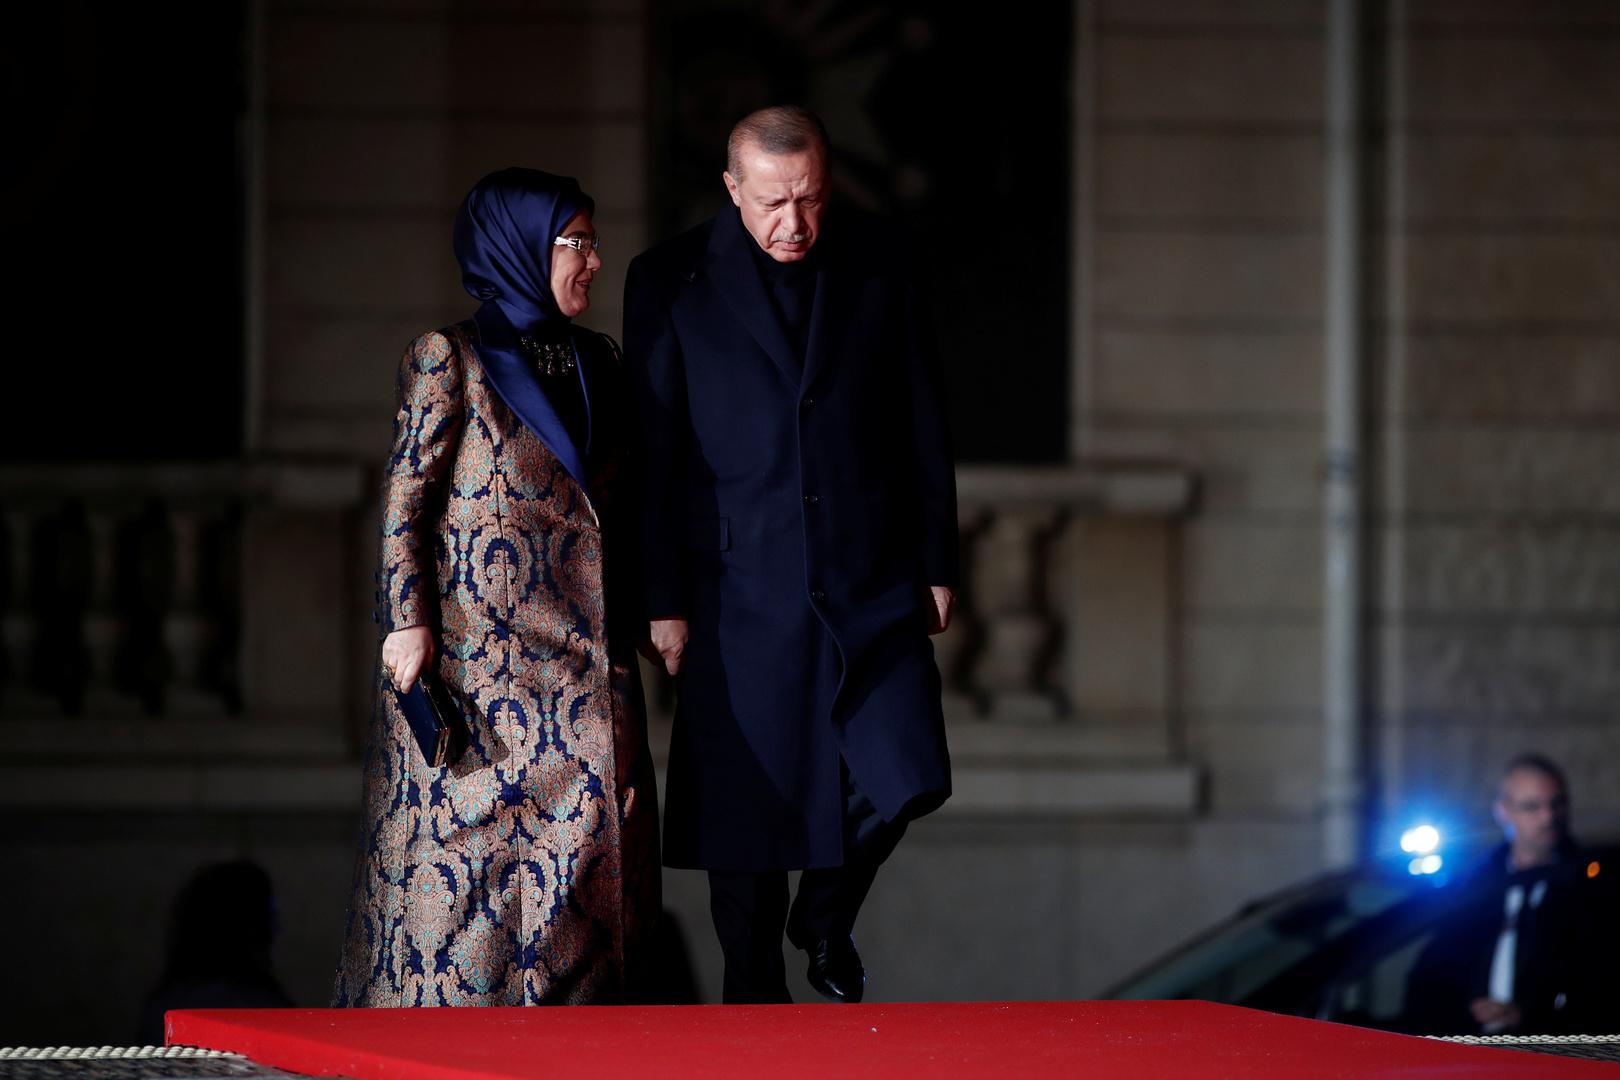 زعيم المعارضة التركية ينتقد أردوغان: أحرق حقيبة زوجتك الفرنسية وأغلق مصنع رينو في تركيا إذا كنت تجرؤ